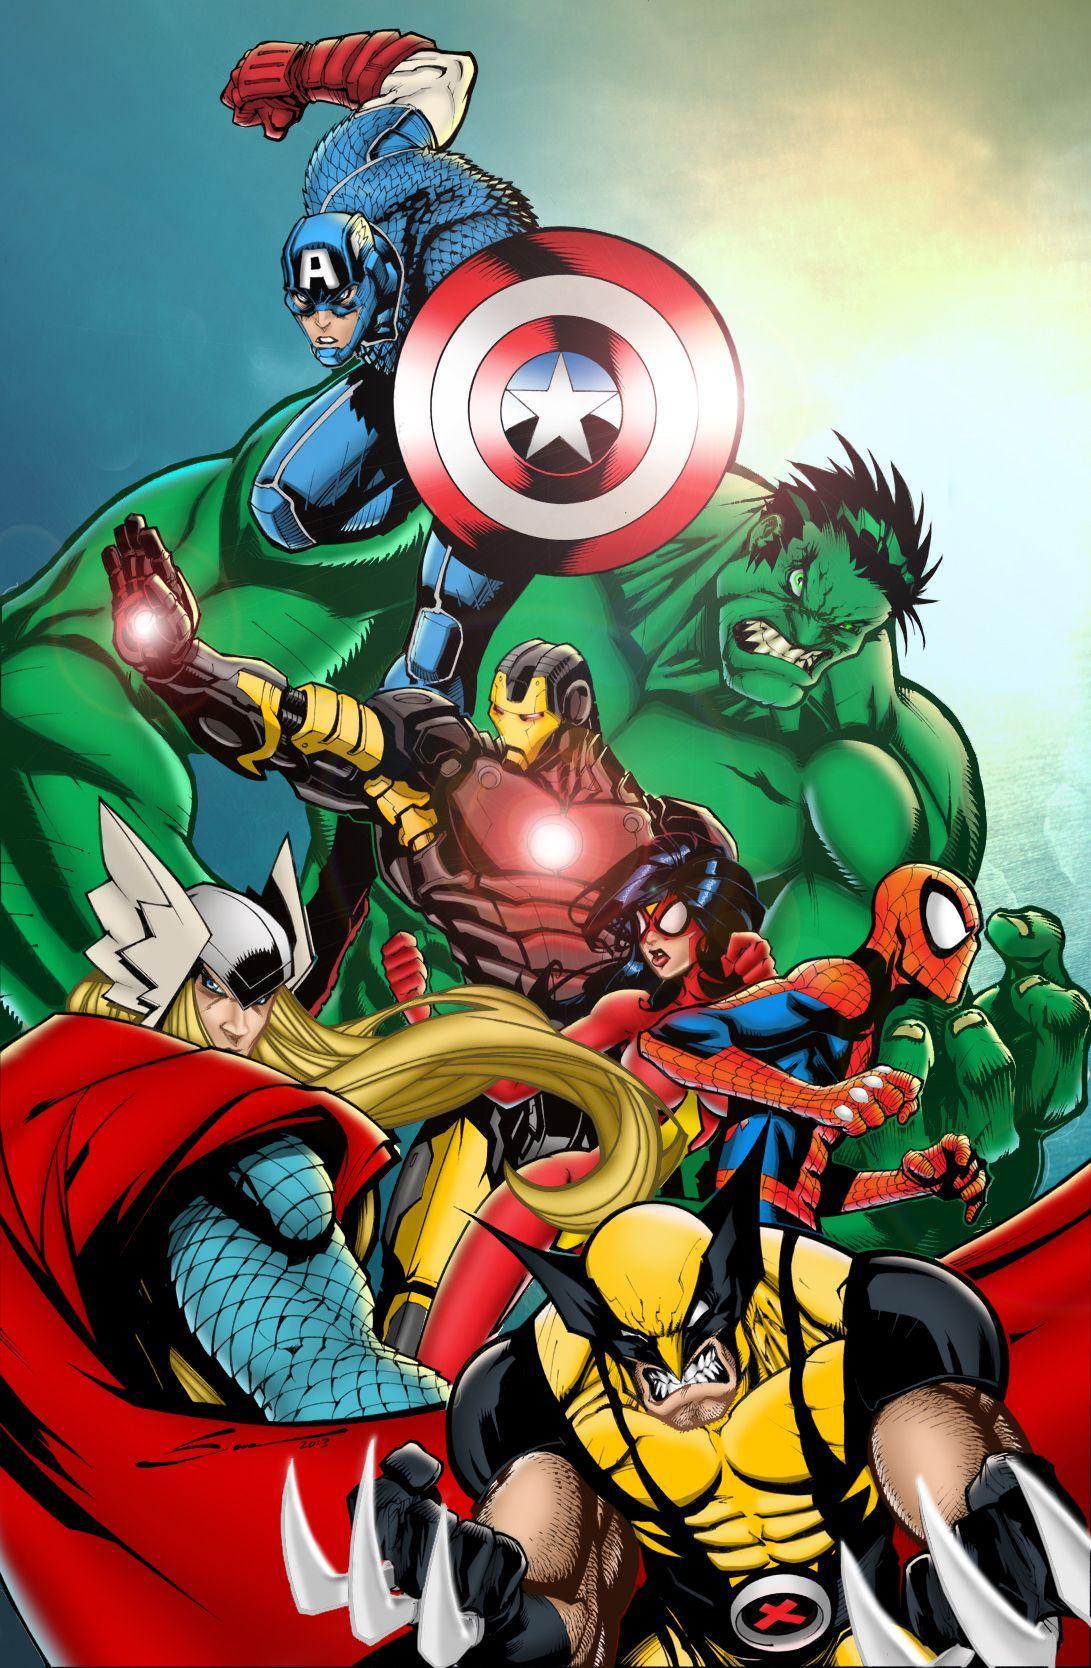 Avengers Assemble Wallpaper Hd Avengers Cartoon Wallpapers Wallpaper Cave